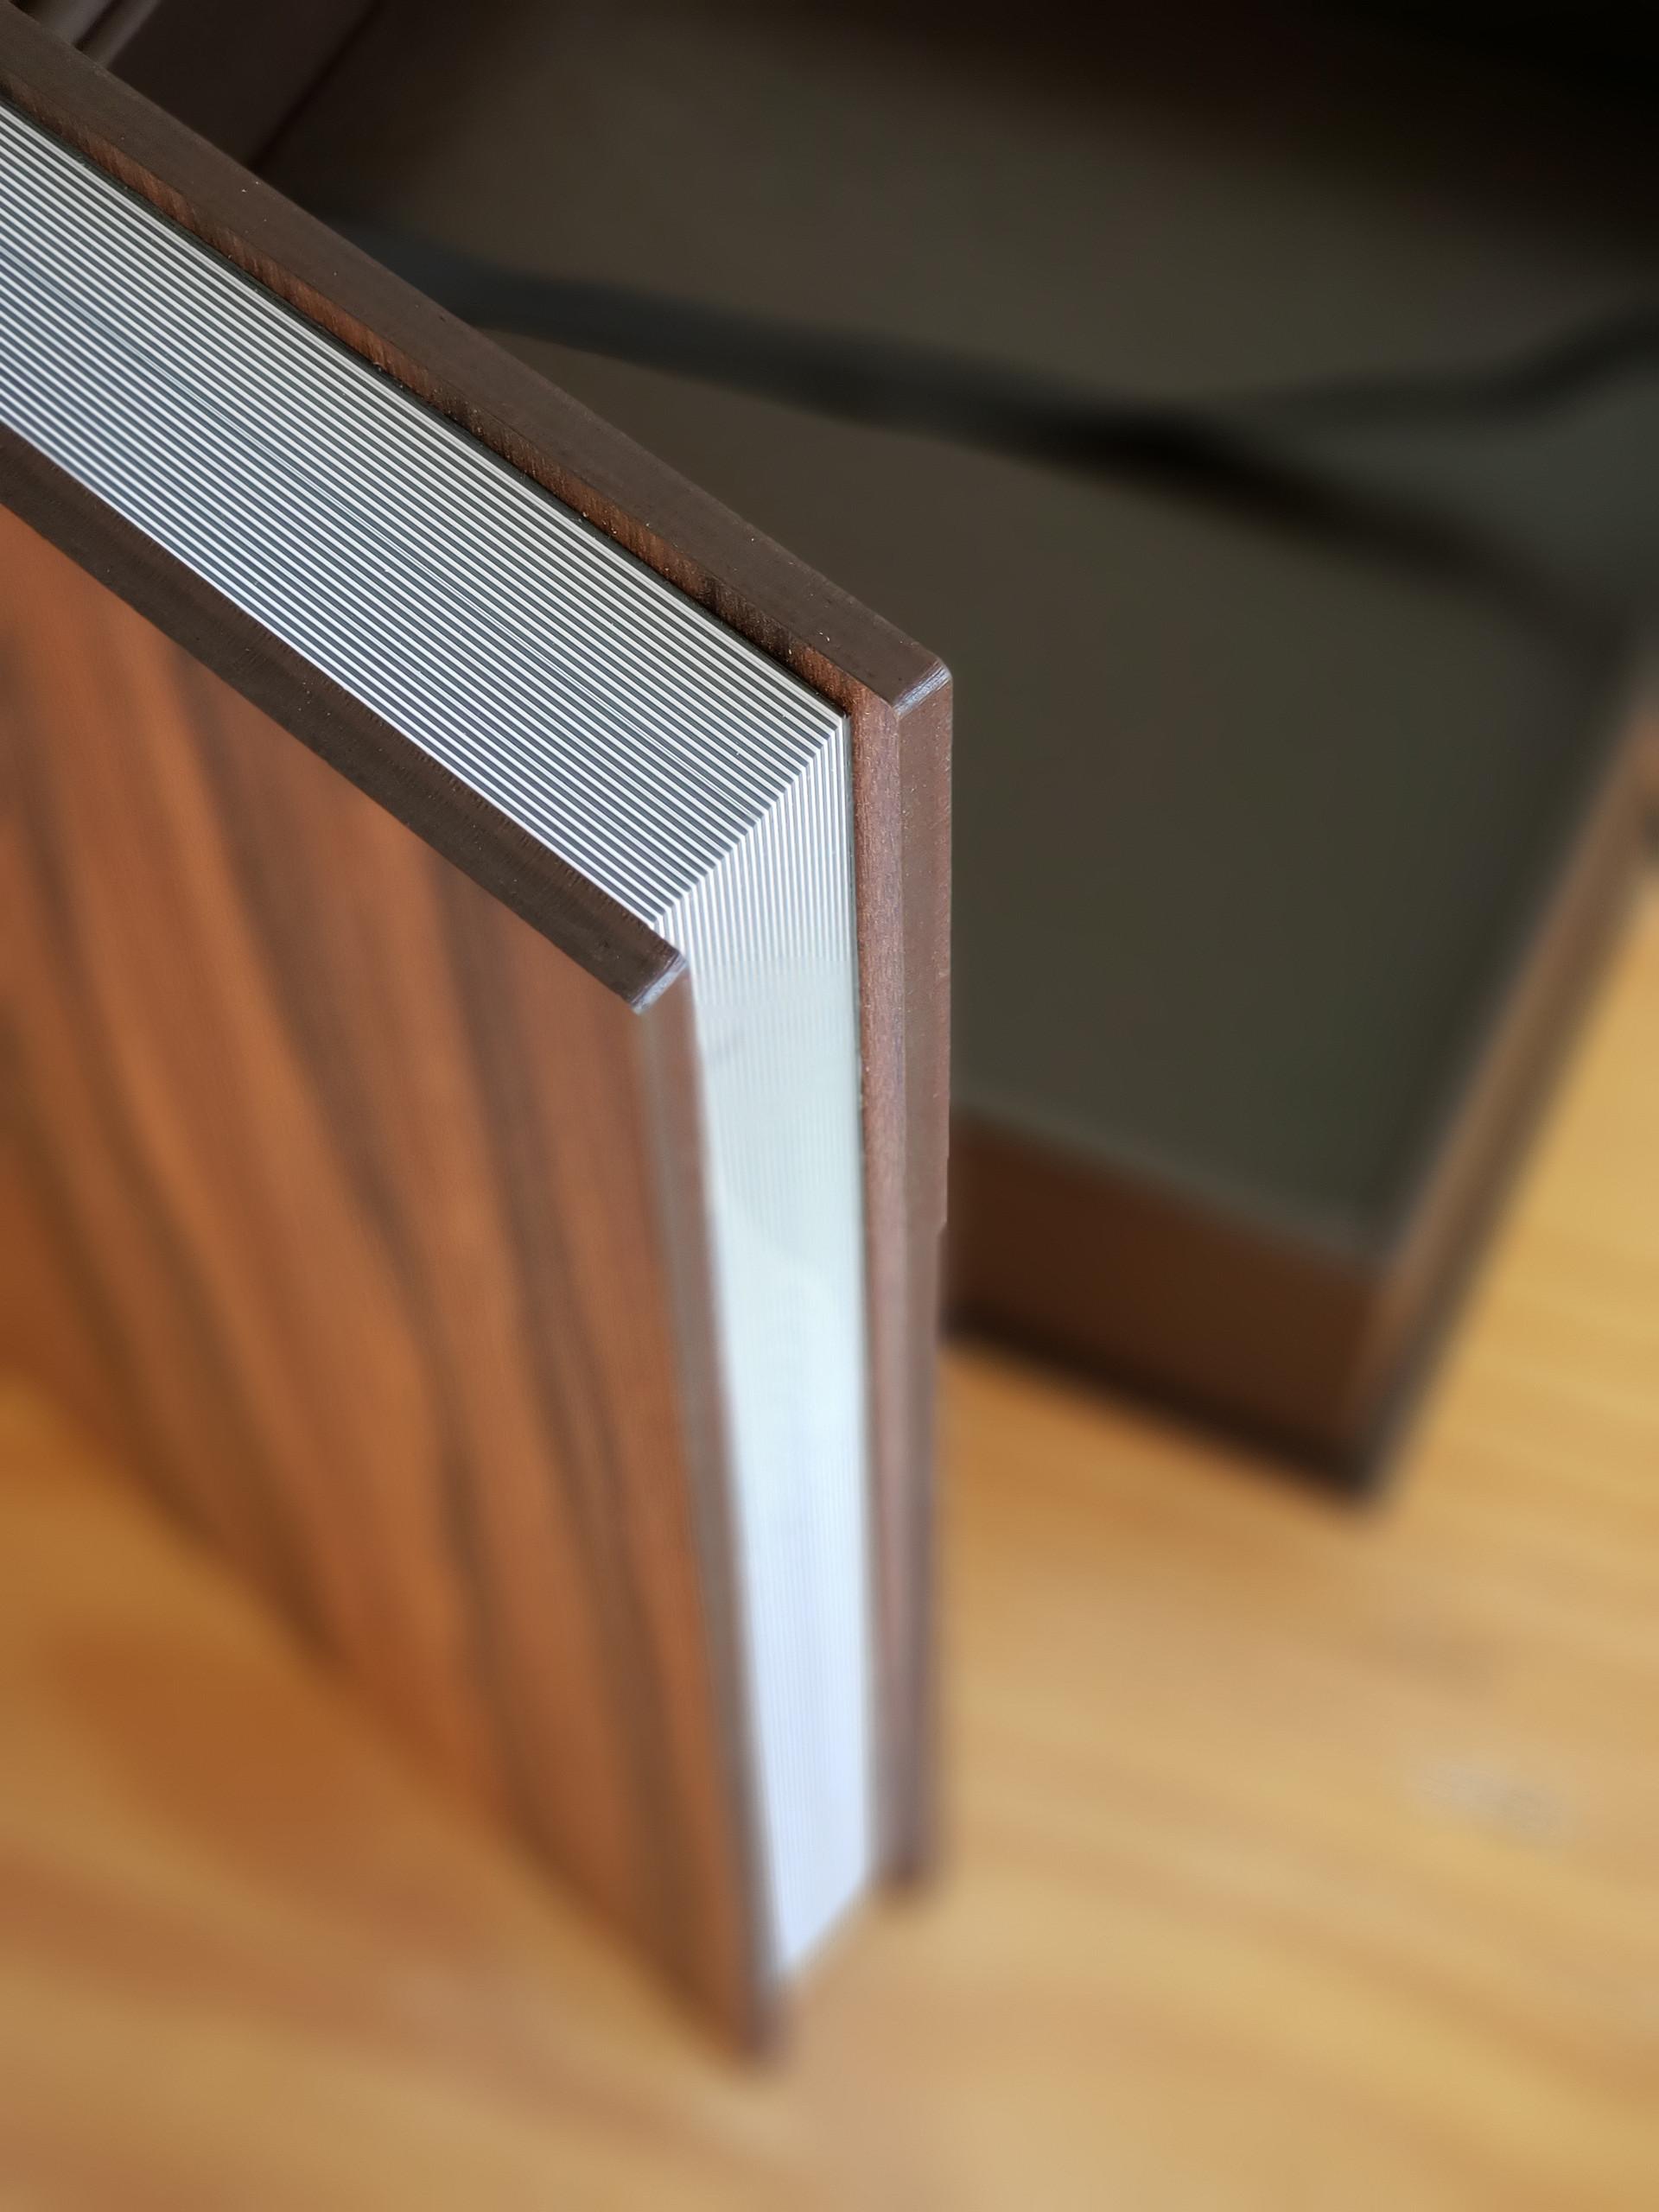 Álbum em madeira